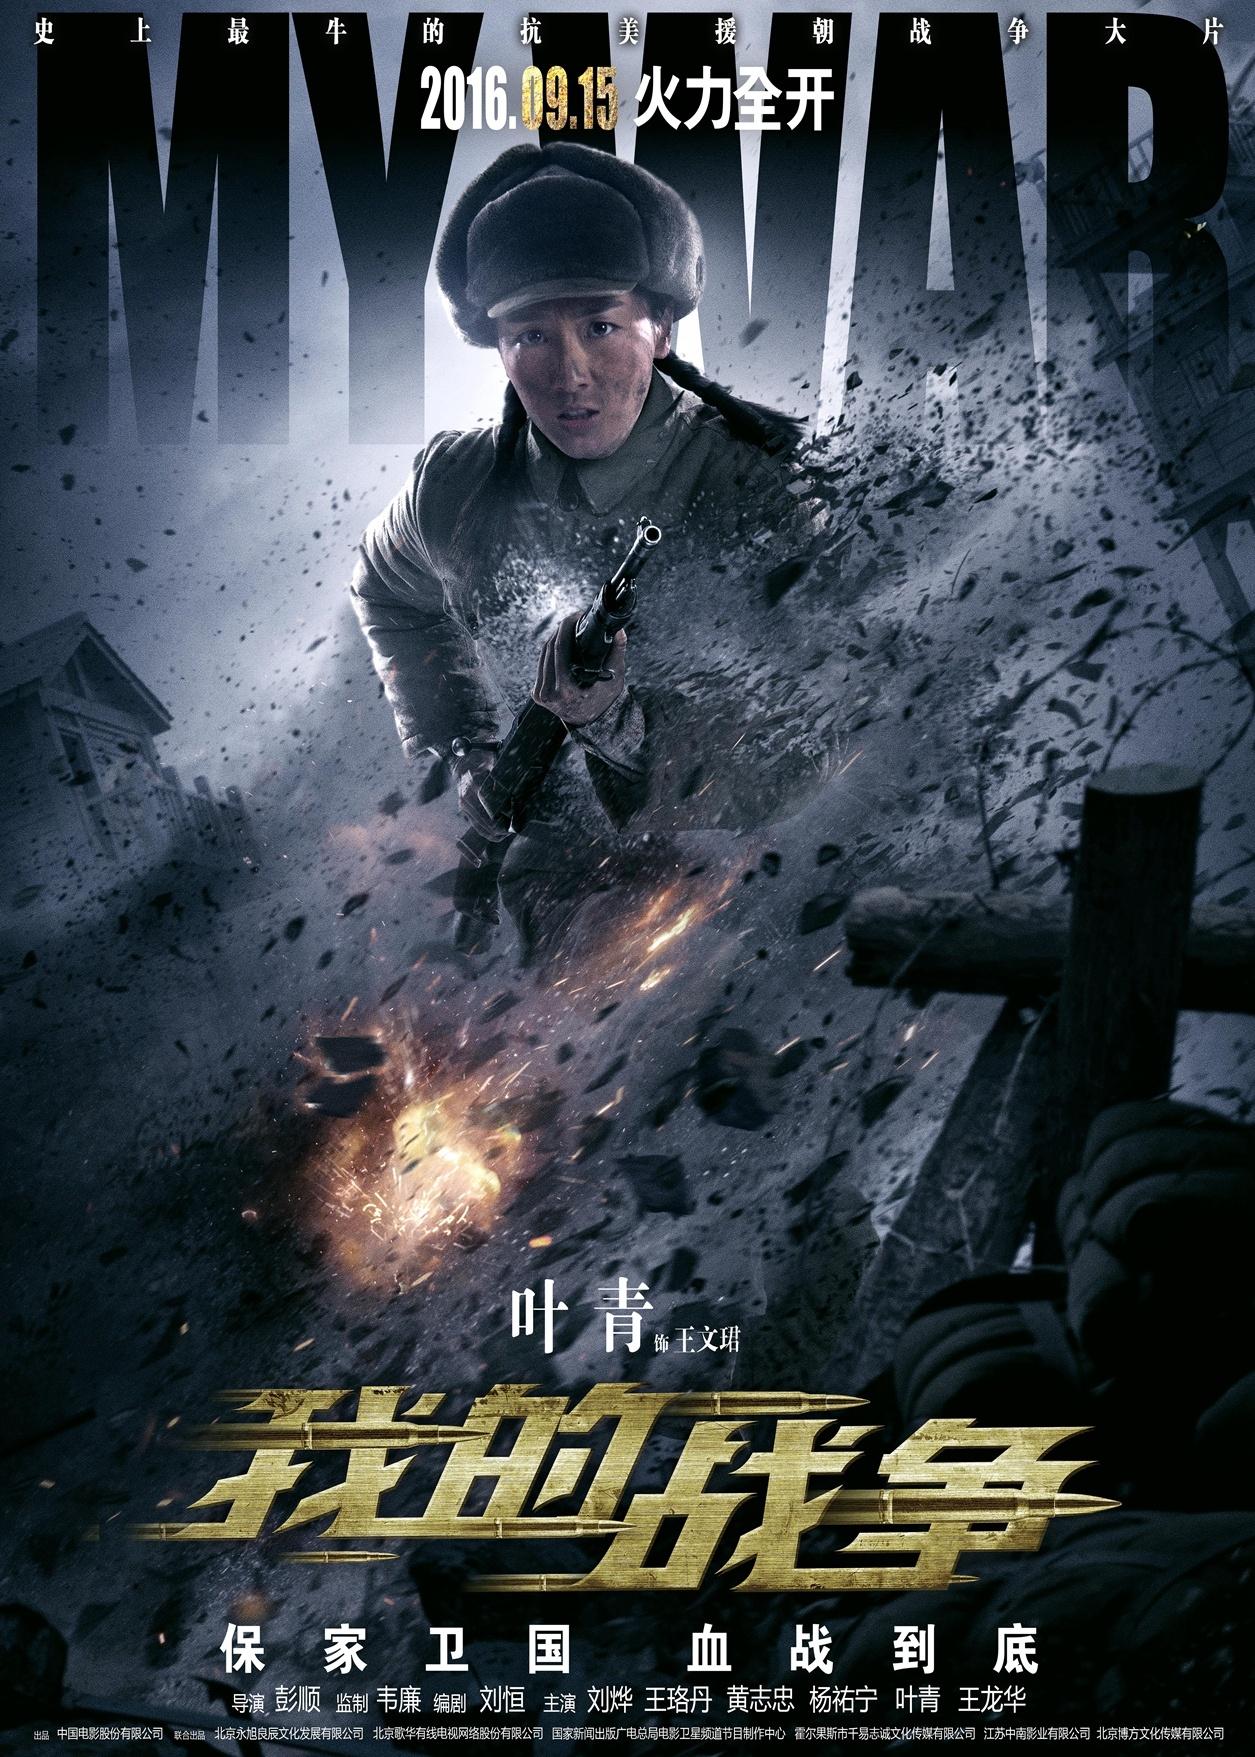 我的战争_电影海报_图集_电影网_1905.com